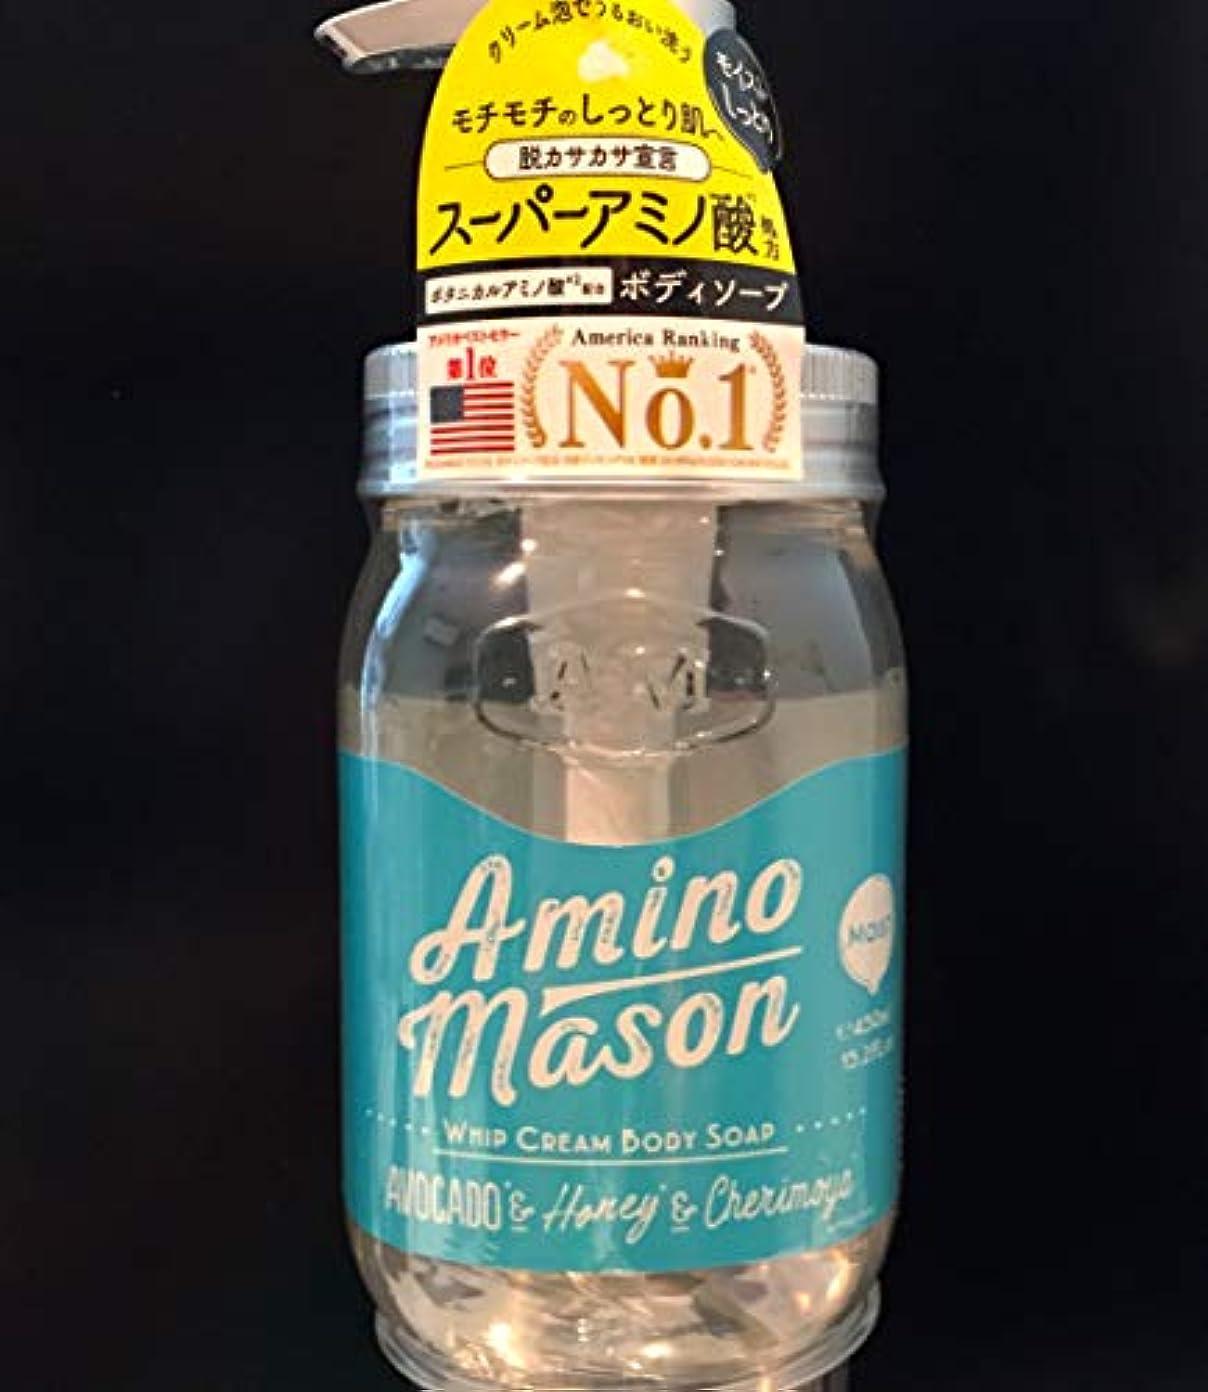 オーバーラン貨物カセットアミノメイソン ホイップクリーム ボディソープ モイスト(クラシックローズブーケの香)